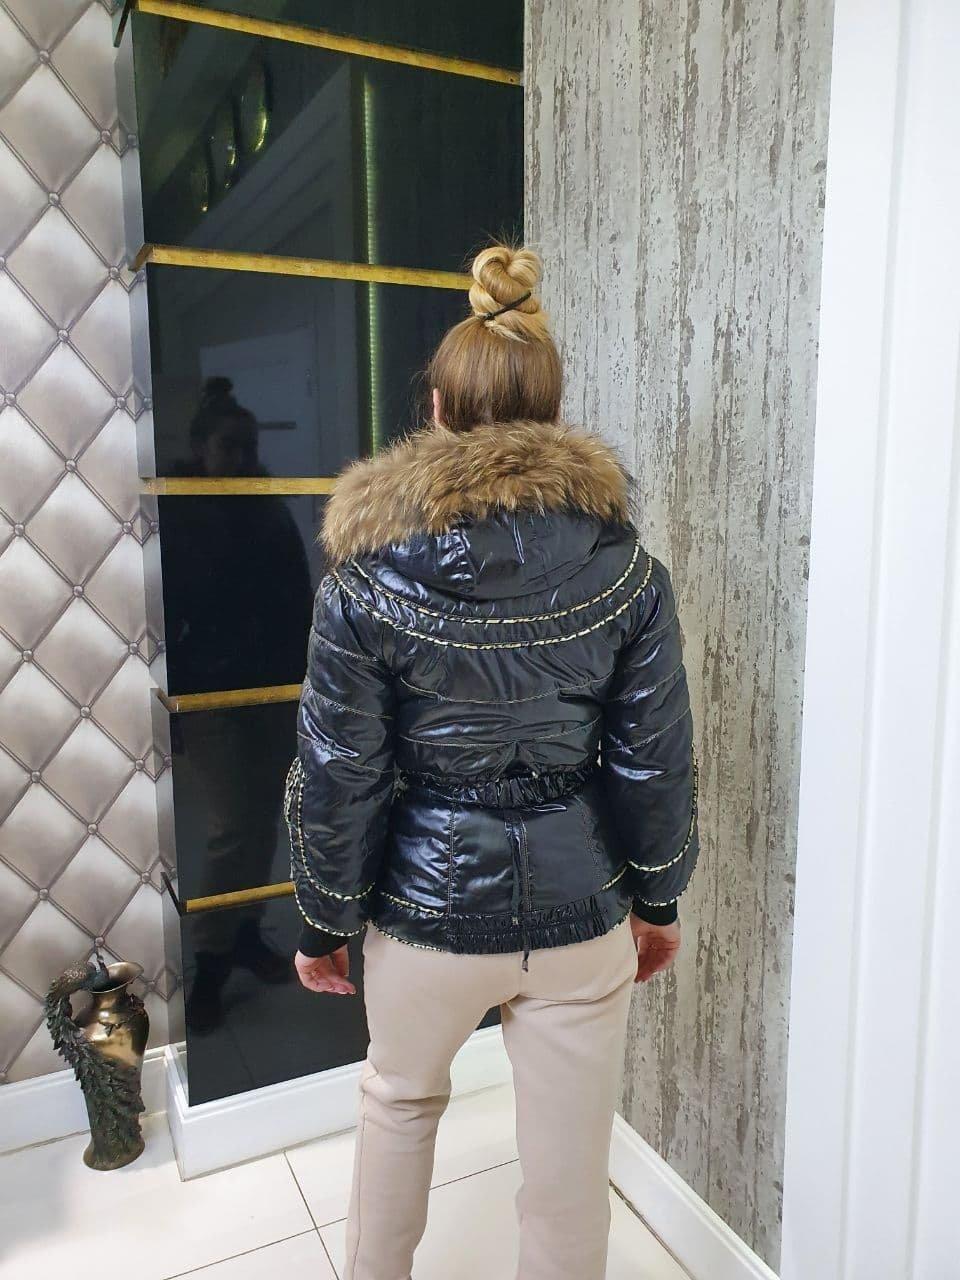 Куртка Зимняя Эверест Енот 10709 АРТ. 47132 Цвет: Черный - фото 2, интернет магазин tm-modus.ru